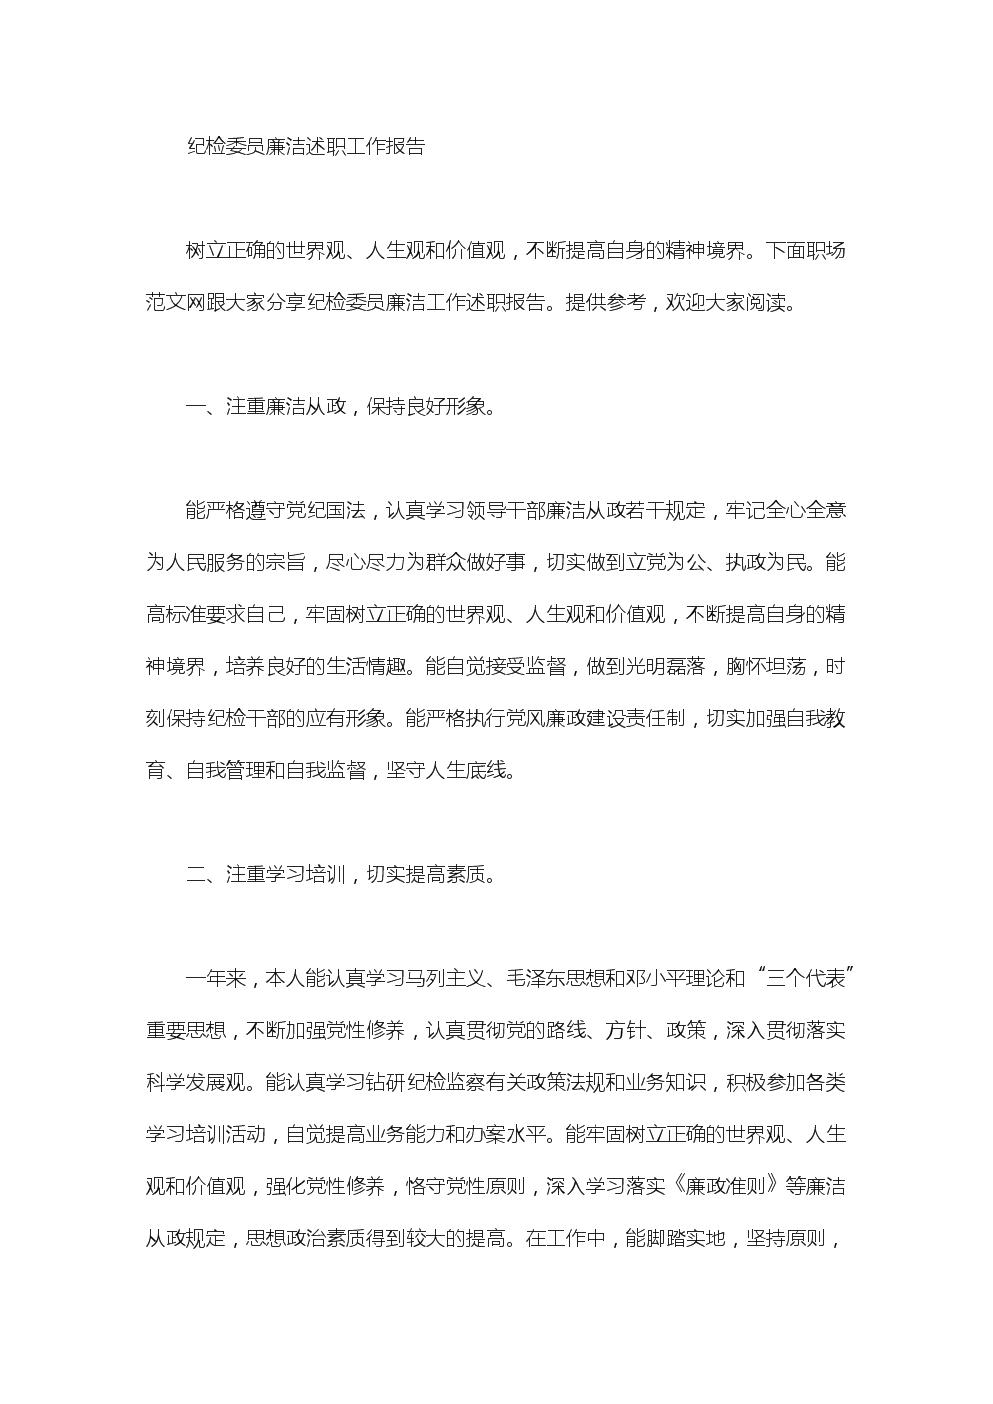 纪检委员廉洁述职工作报告.doc